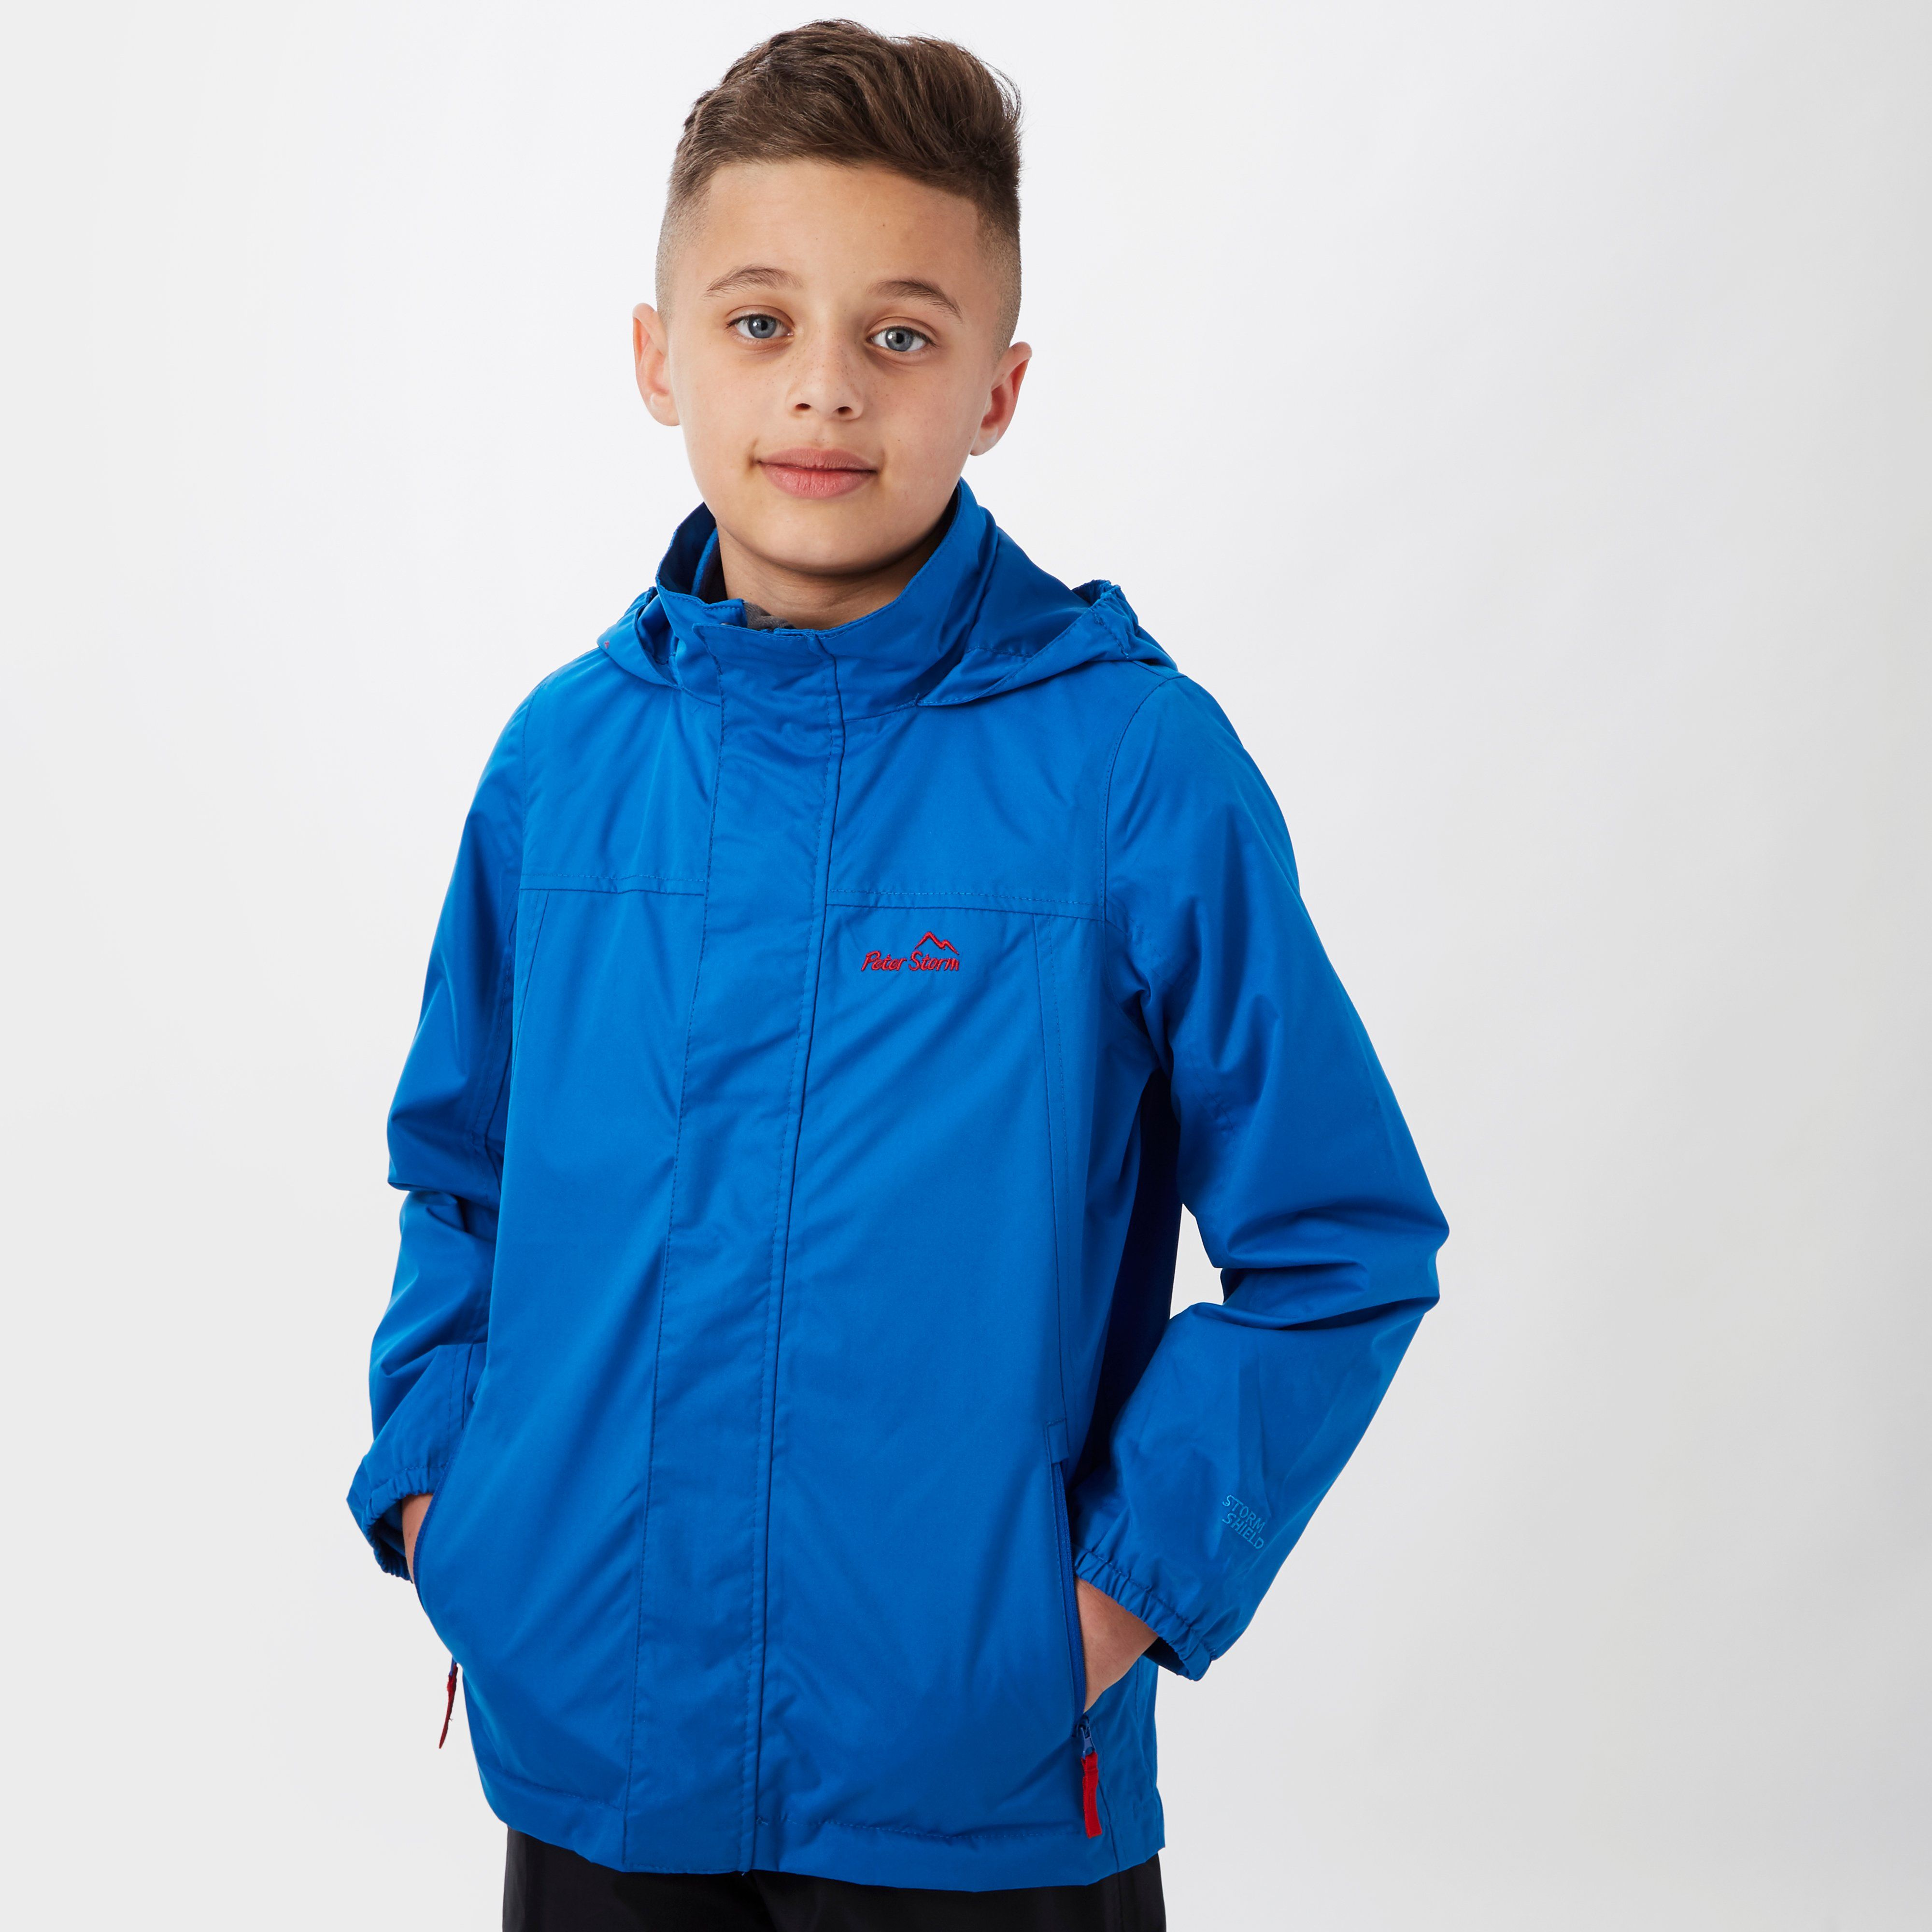 PETER STORM Boy's Peter Waterproof Jacket